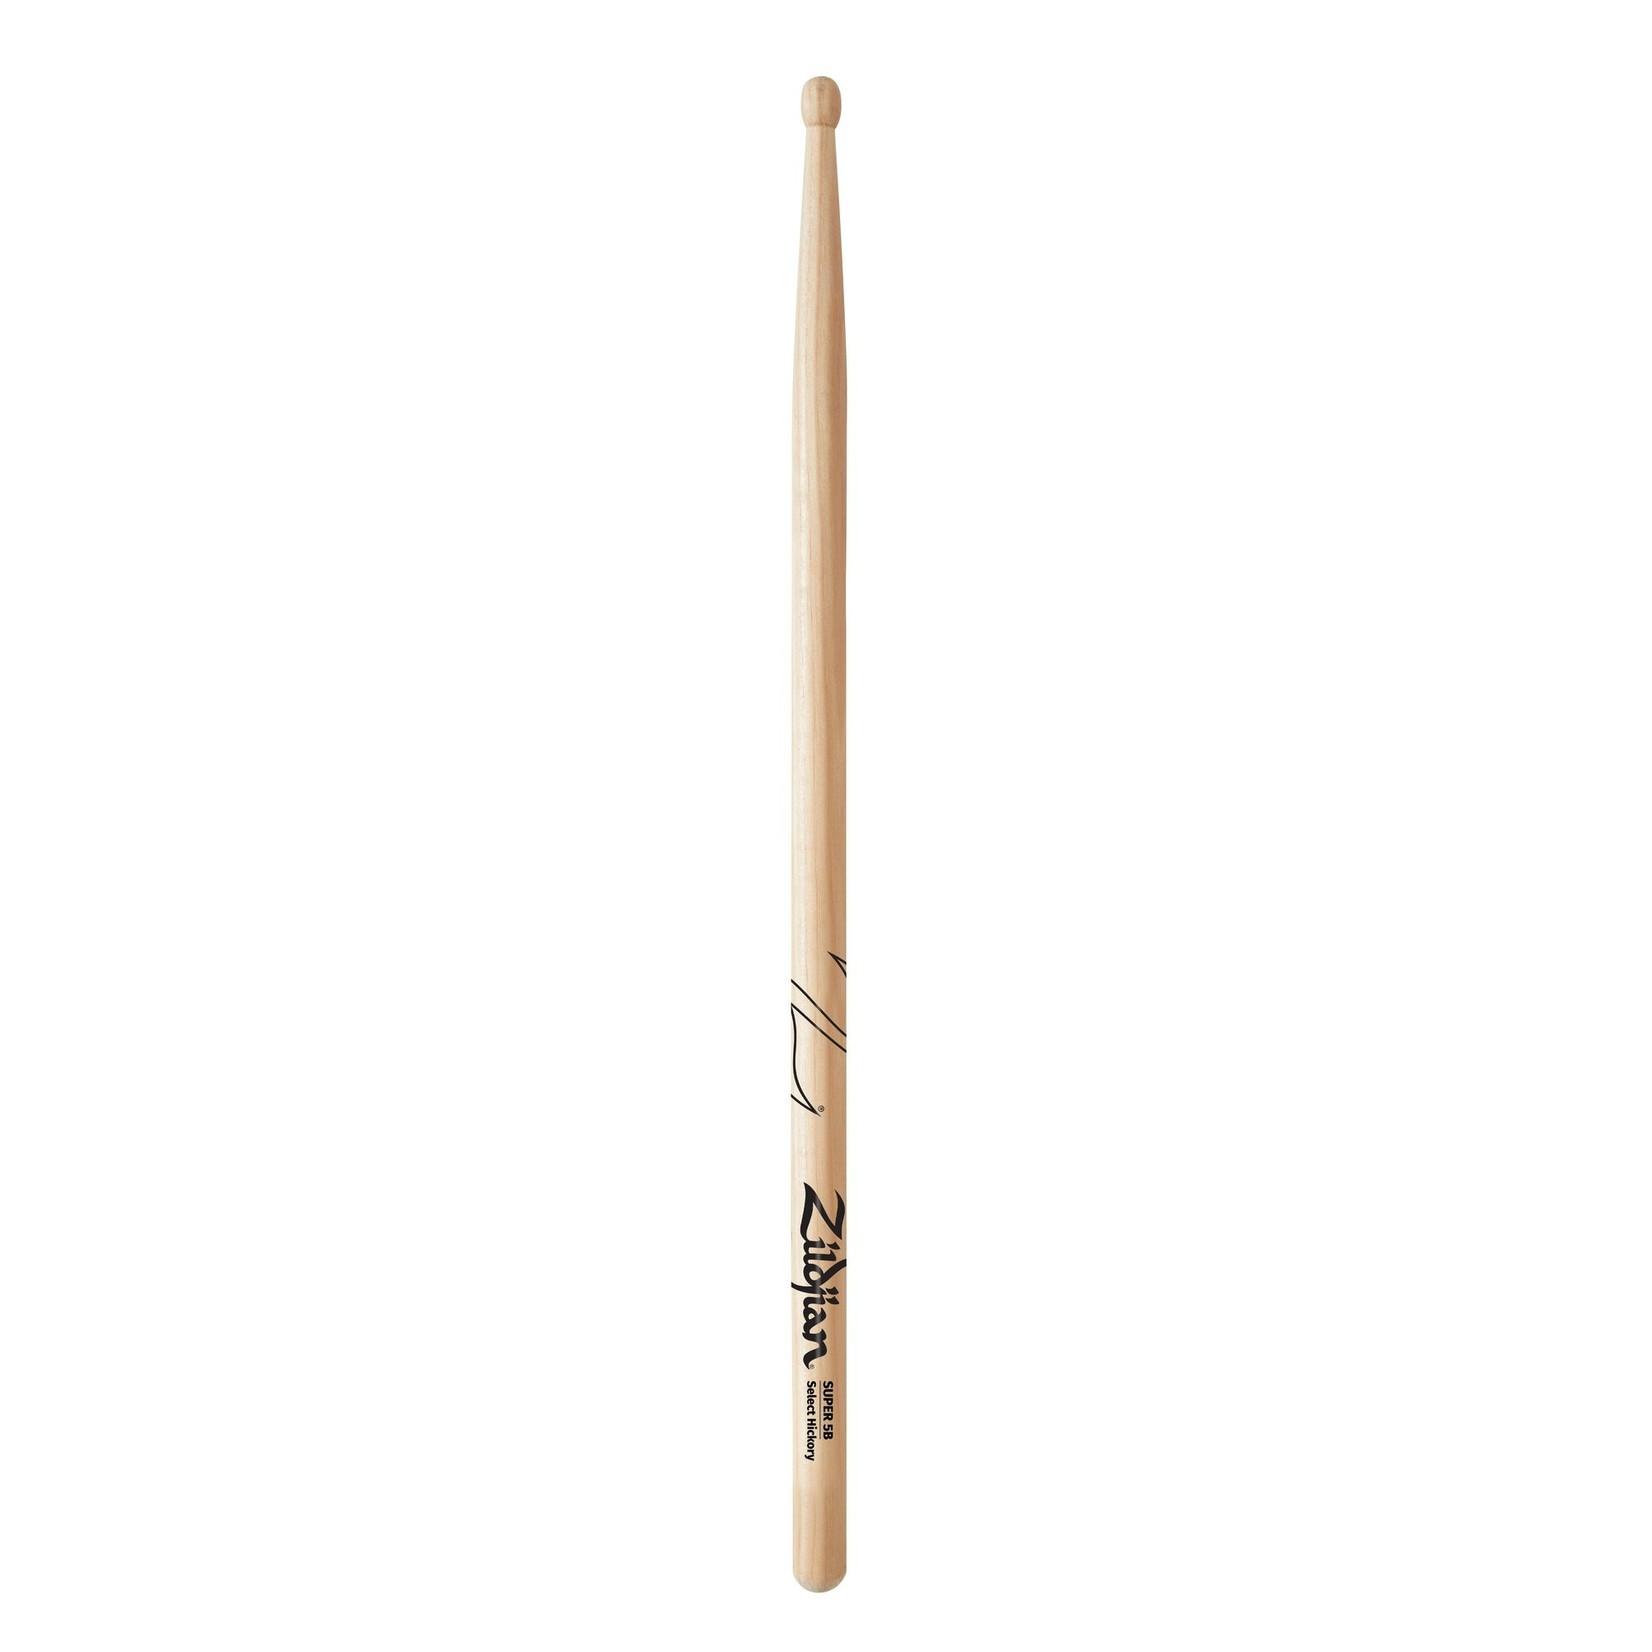 Zildjian Zildjian Super 5B Drumsticks